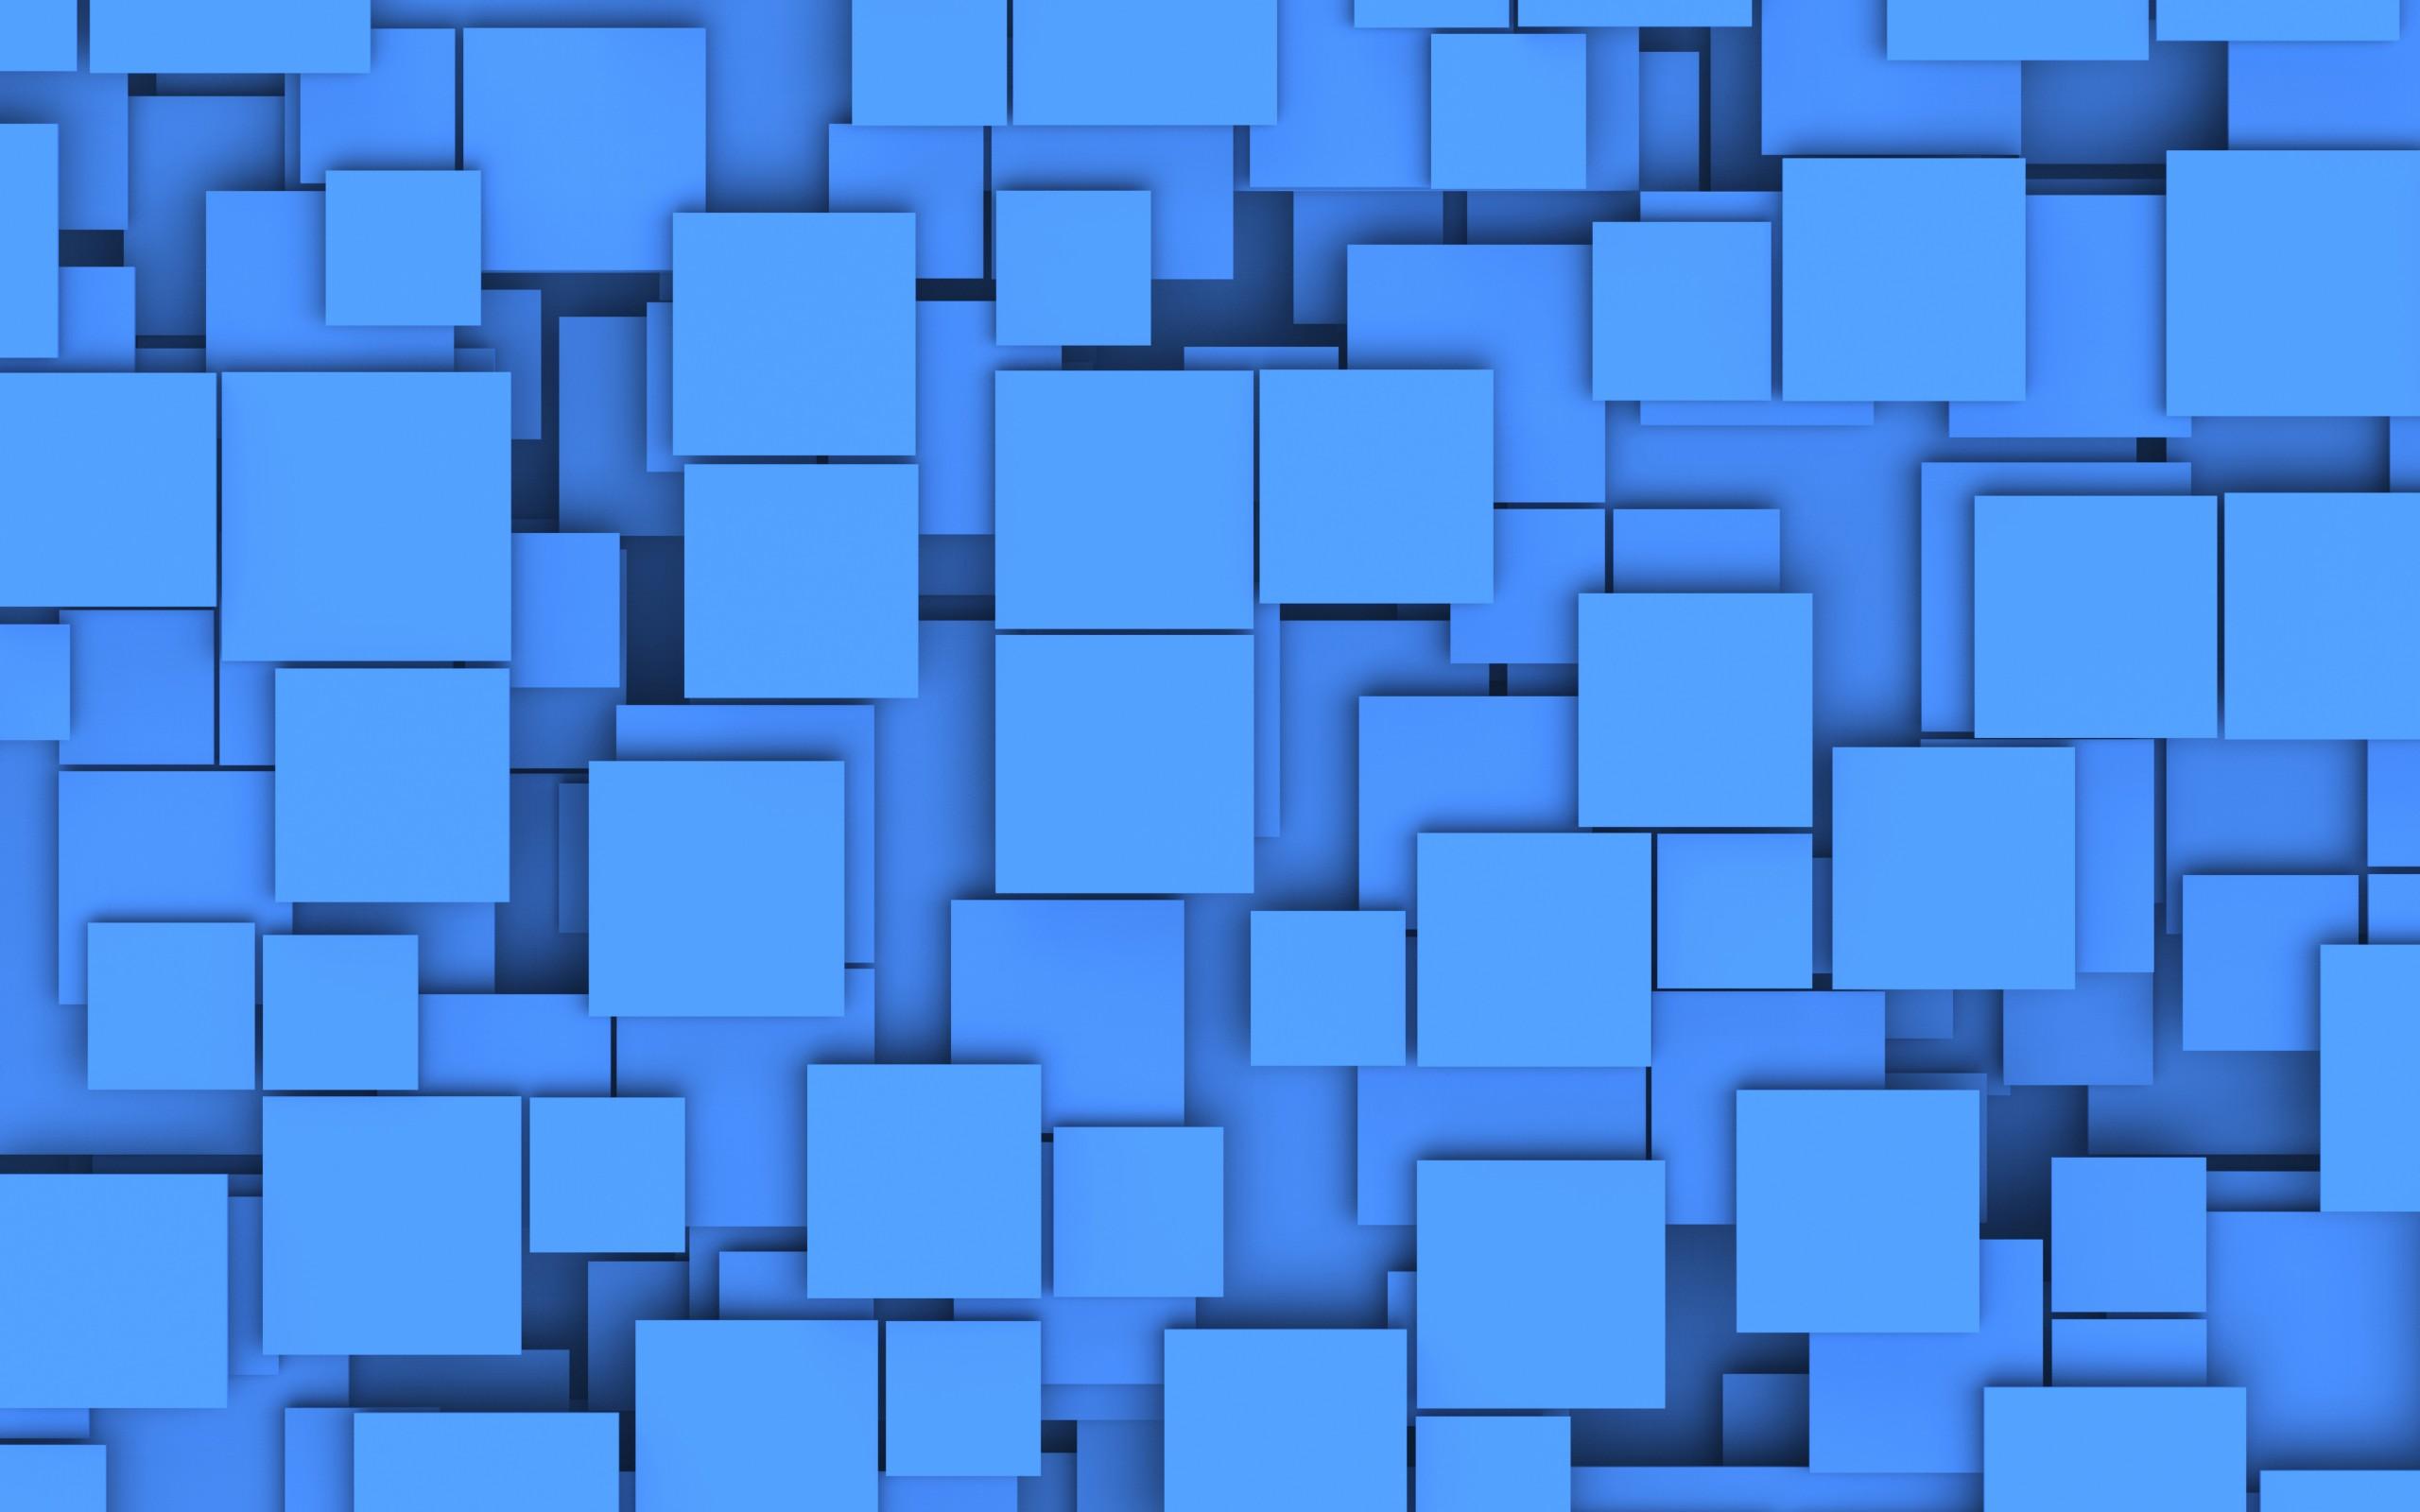 Azul Full HD Fondo De Pantalla And Escritorio